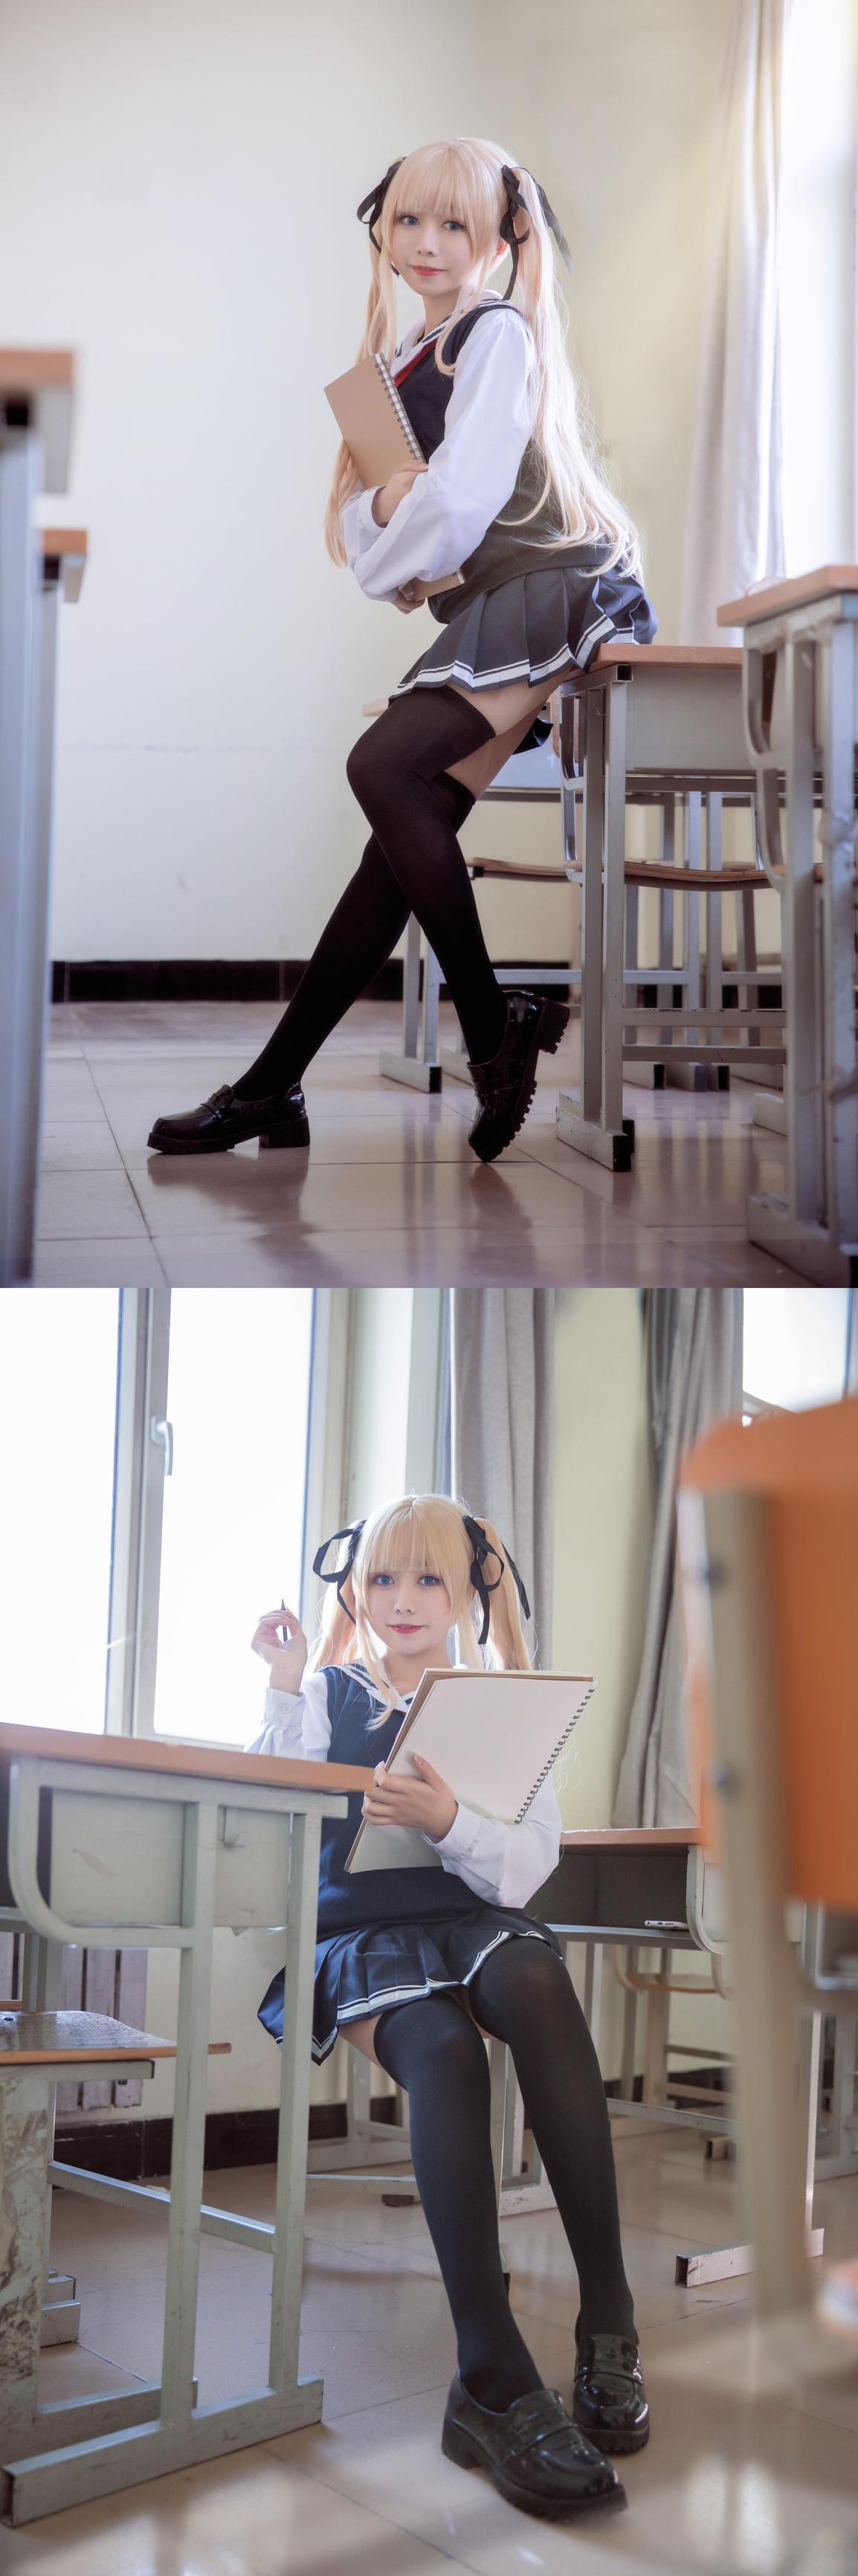 《路人女主的养成方法》霞之丘诗羽cosplay【CN:Azuk1】-第4张